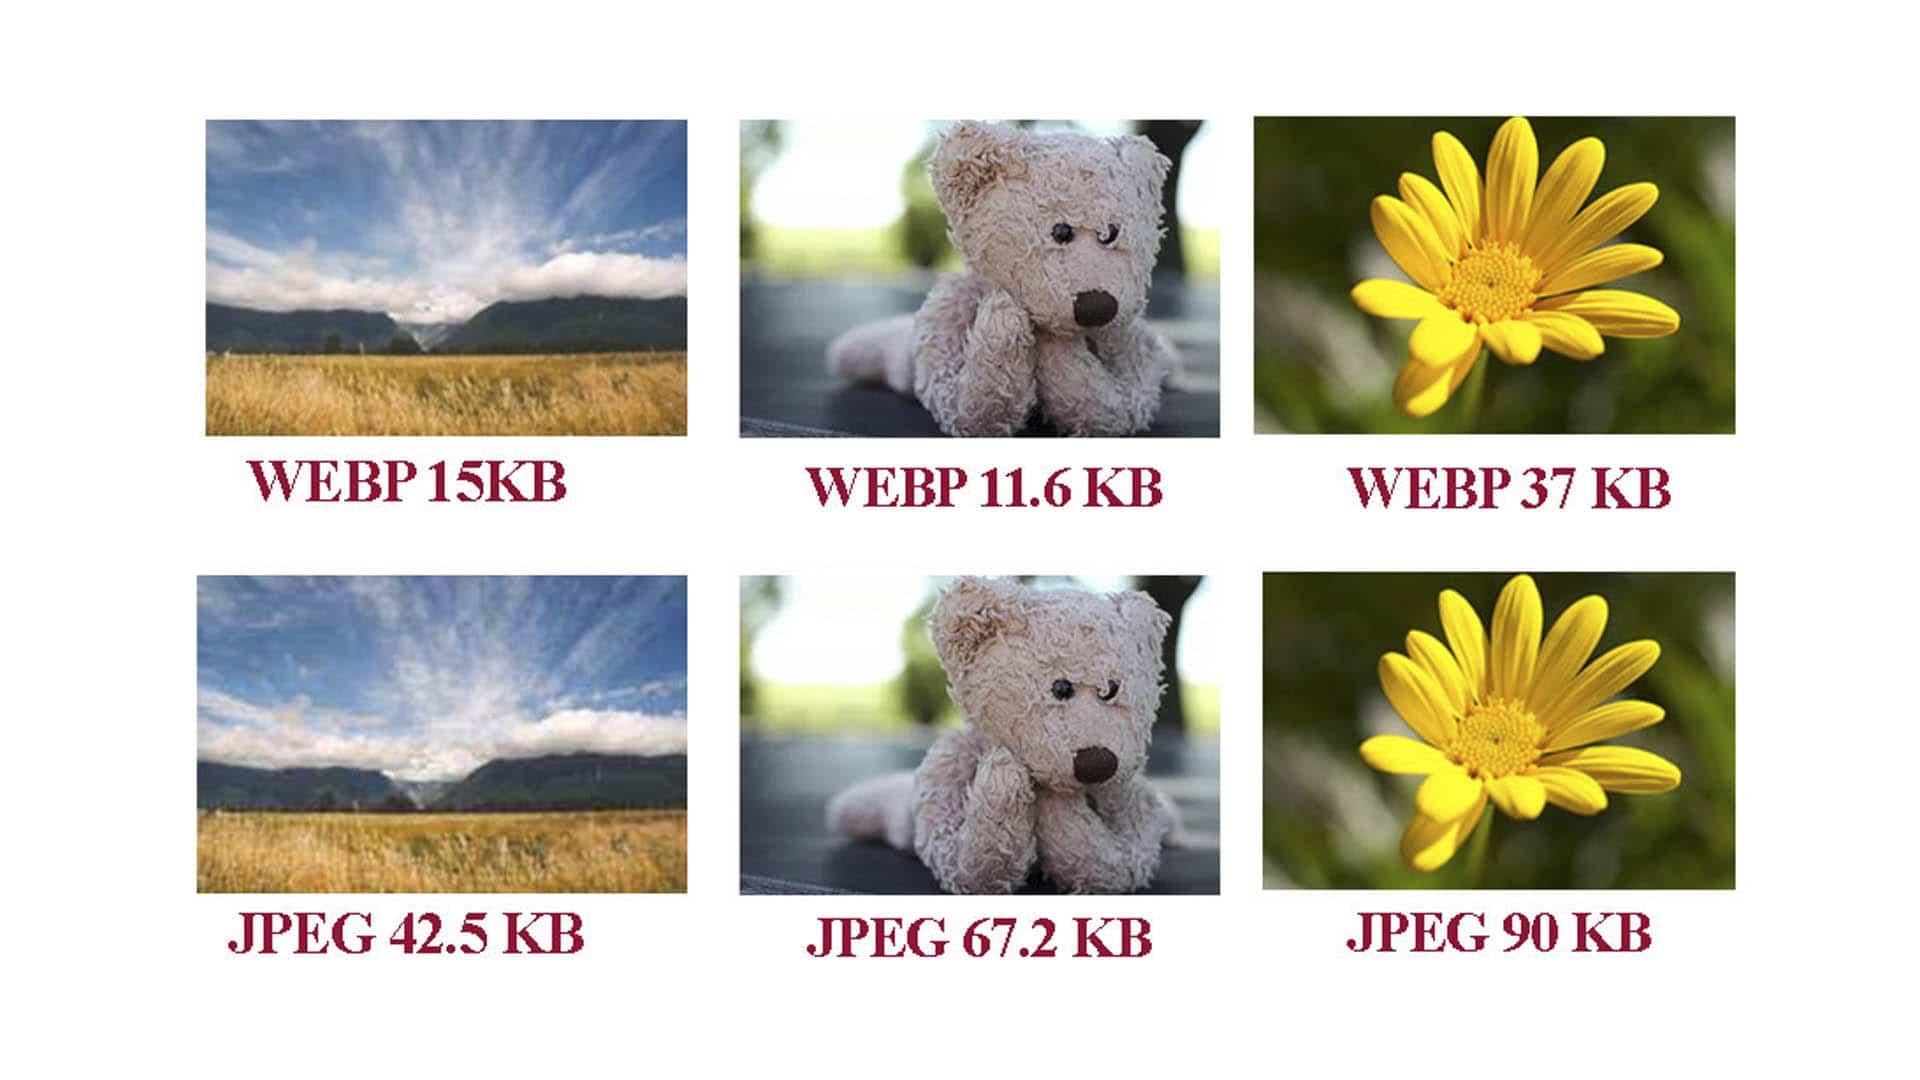 کیفیت تصاویر WebP